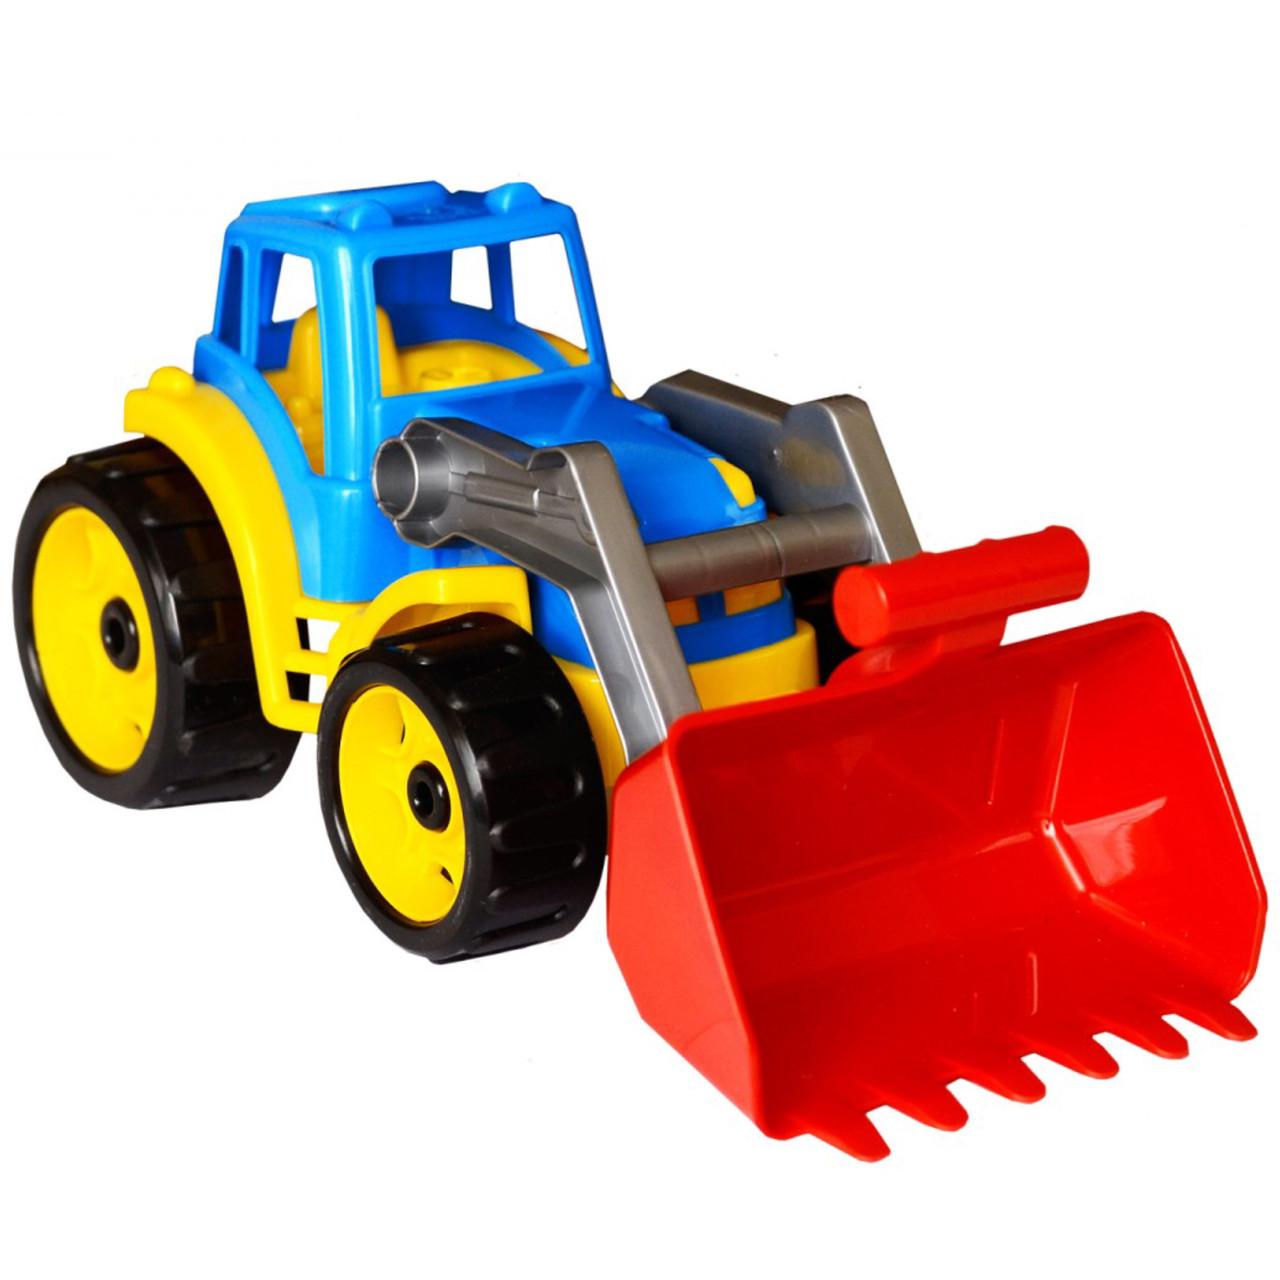 Игрушка трактор Максик с ковшом, ТехноК - фото 1